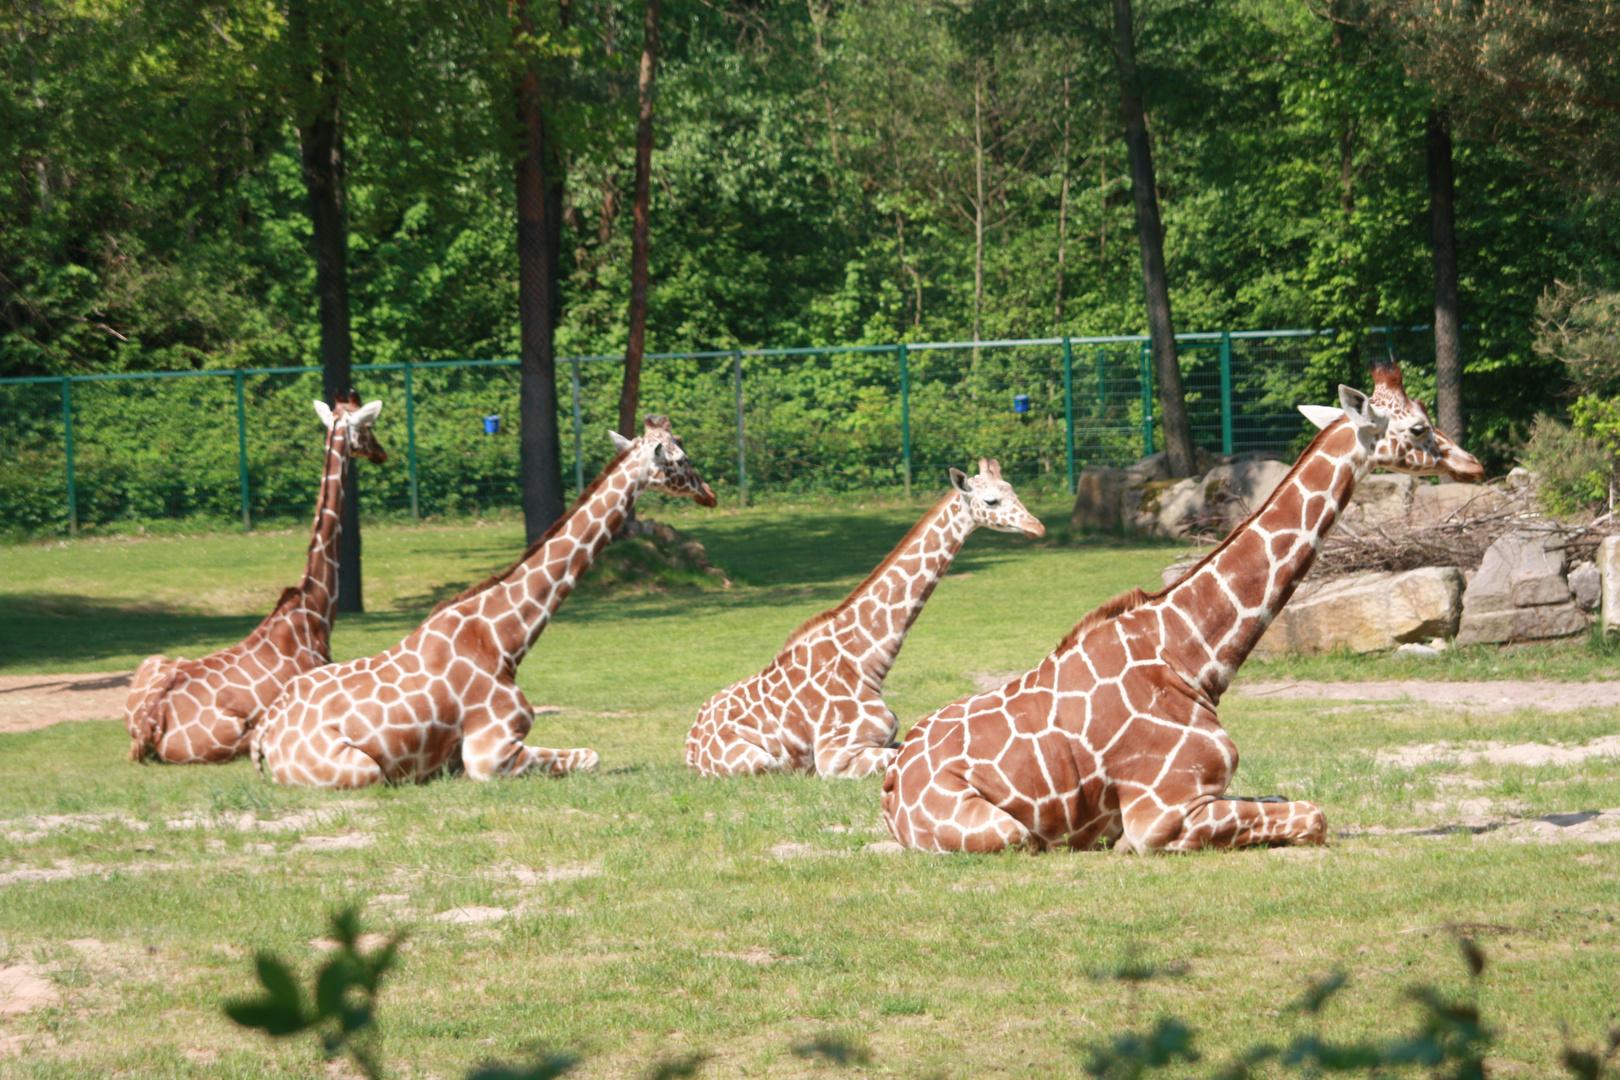 Giraffen beim Relaxen